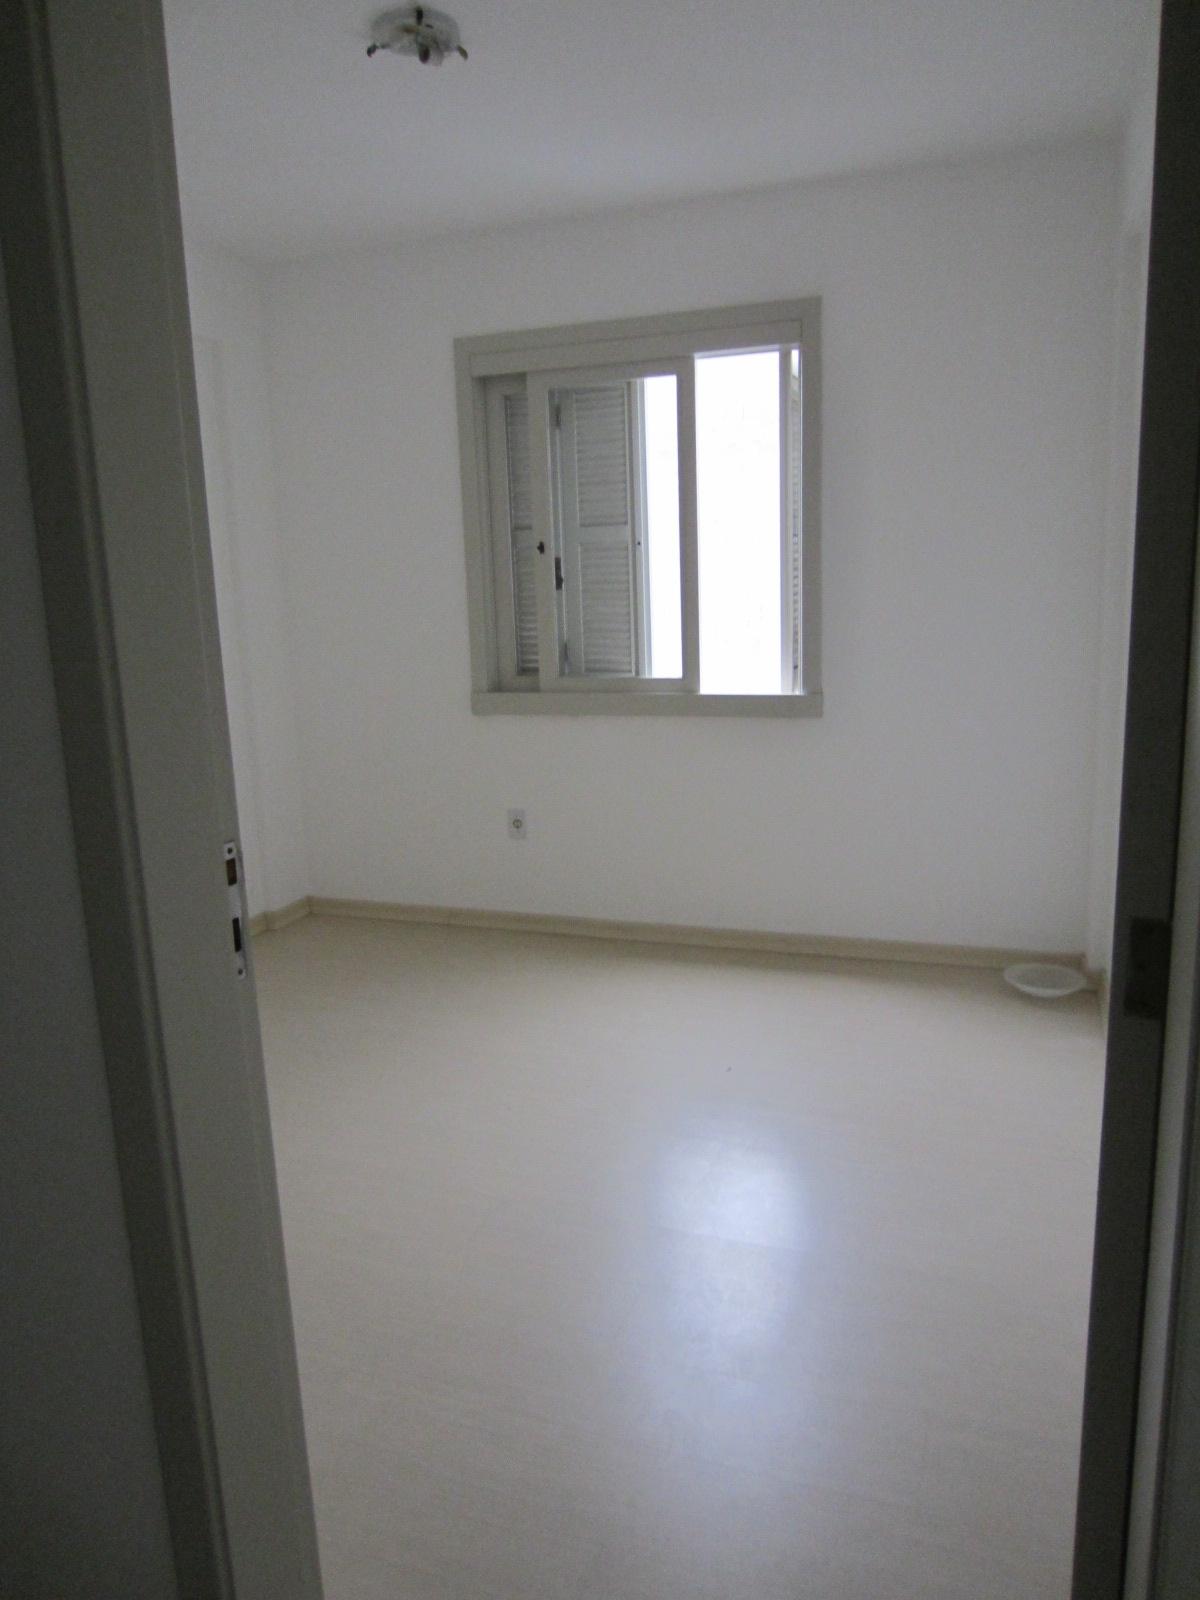 Imagens de #525A79  hotmail.com contato Lida Daidaihua azul USA Novo Hamburgo RS vender 1200x1600 px 2764 Box Banheiro Novo Hamburgo Rs